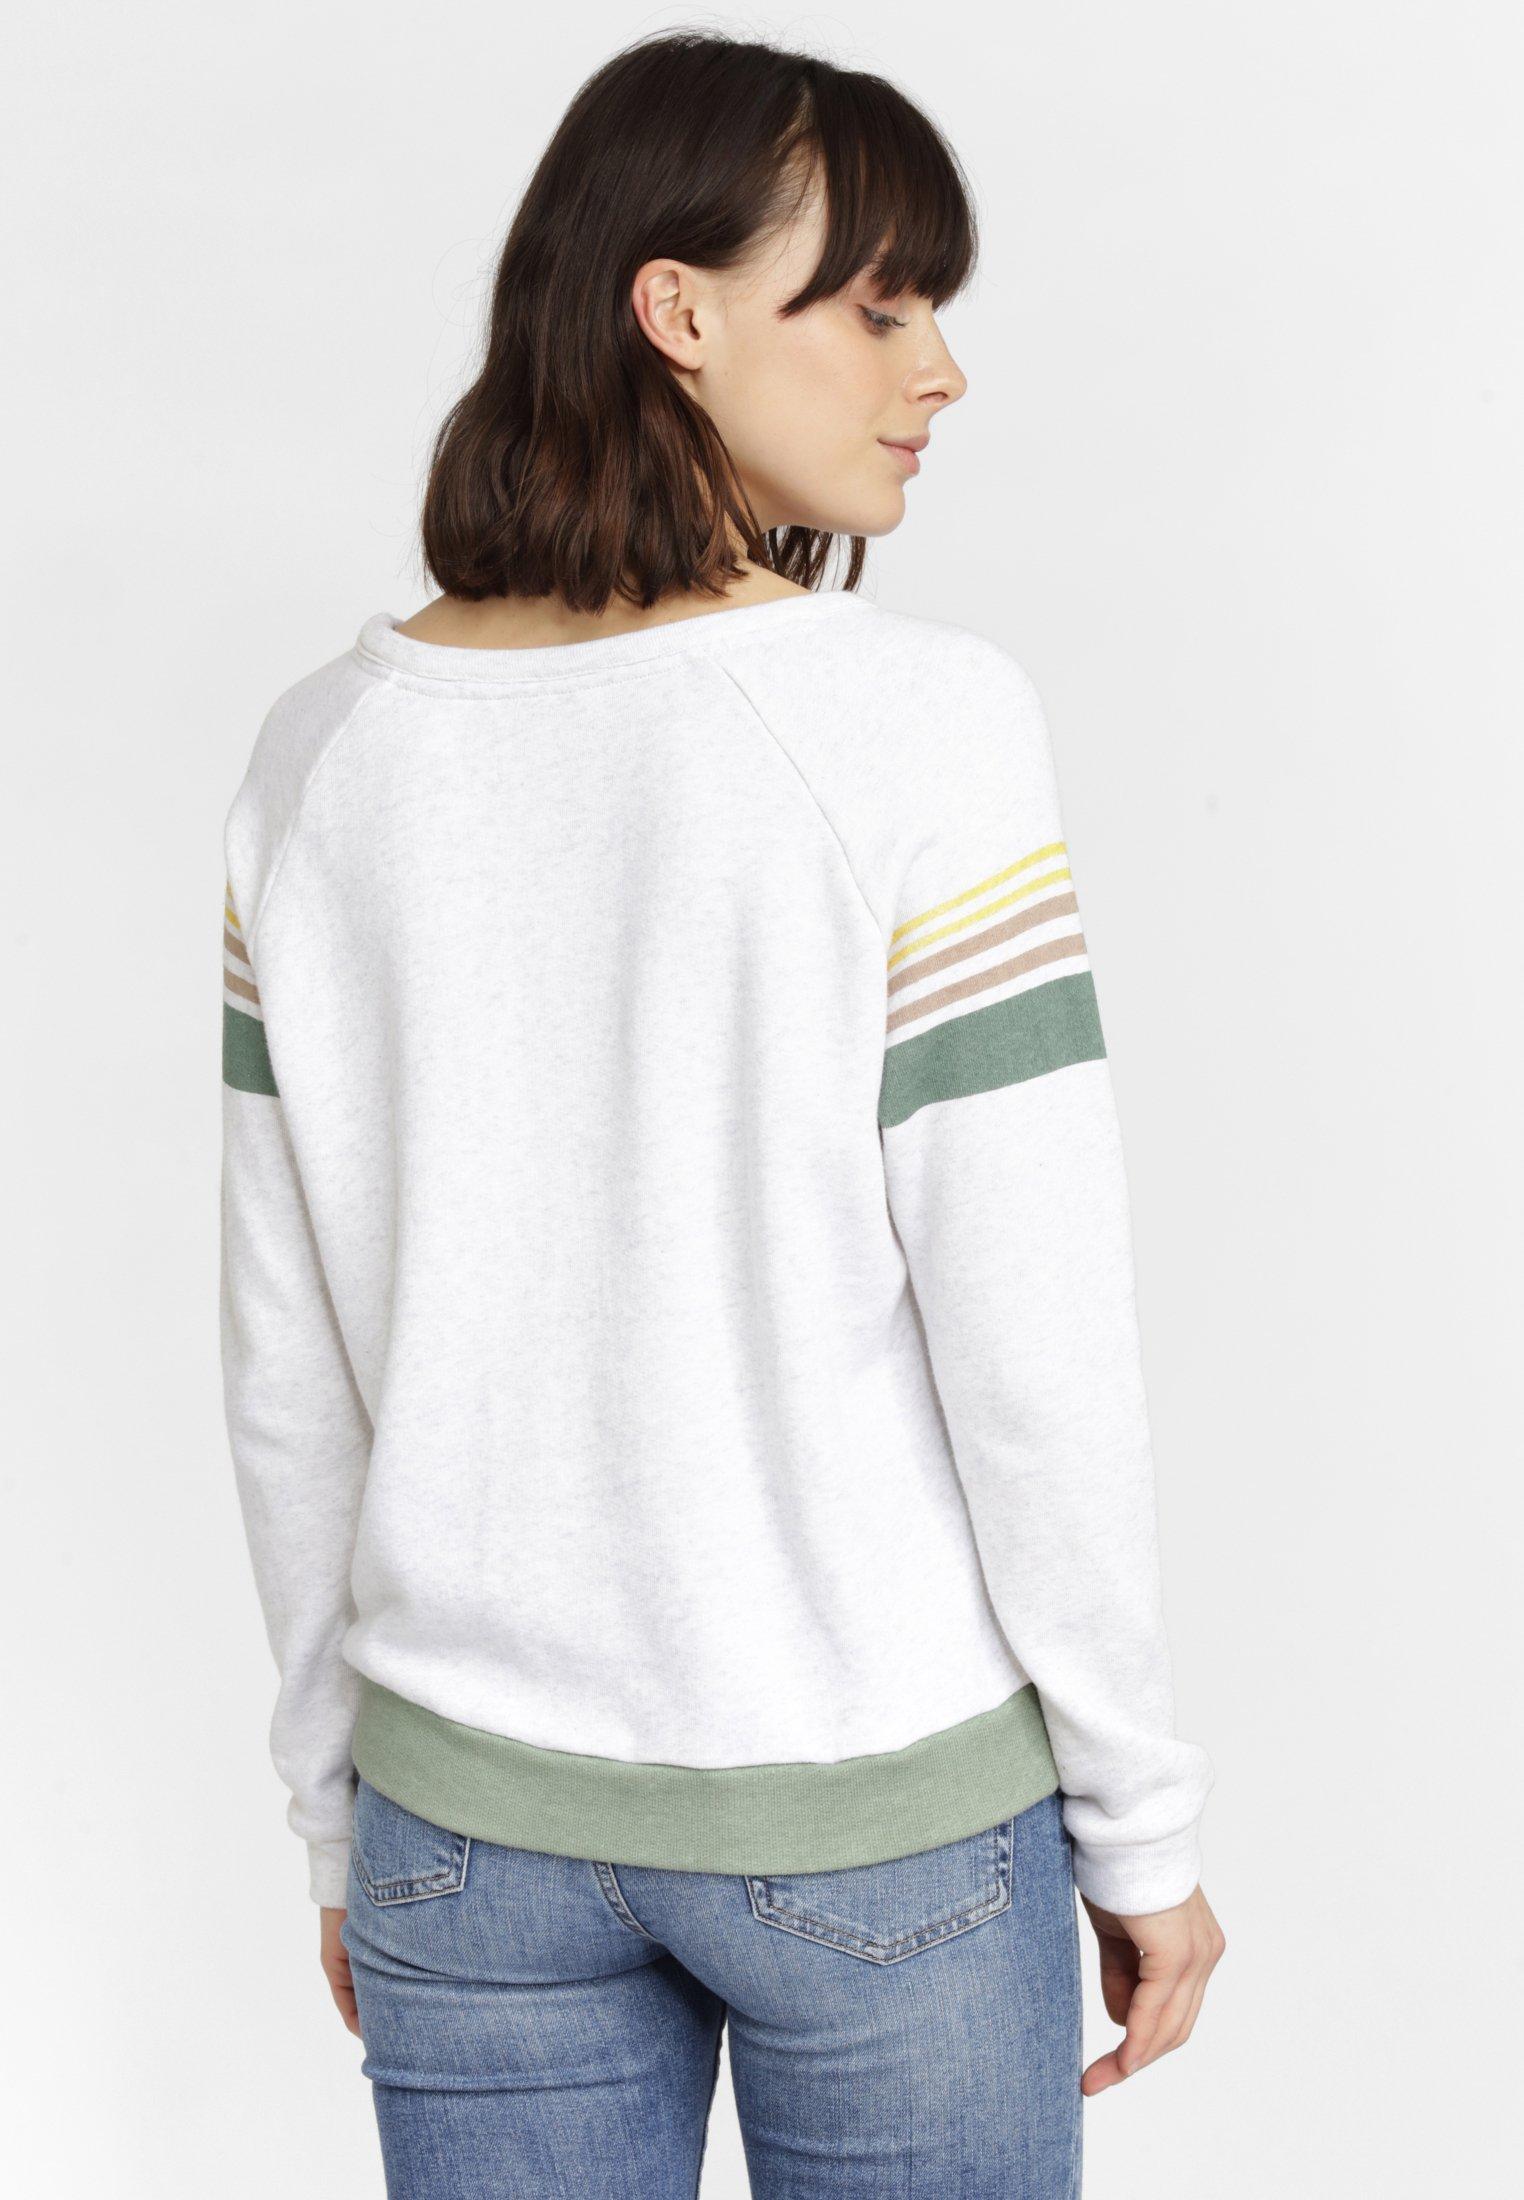 O'neill Sweater - Green qGWclnN